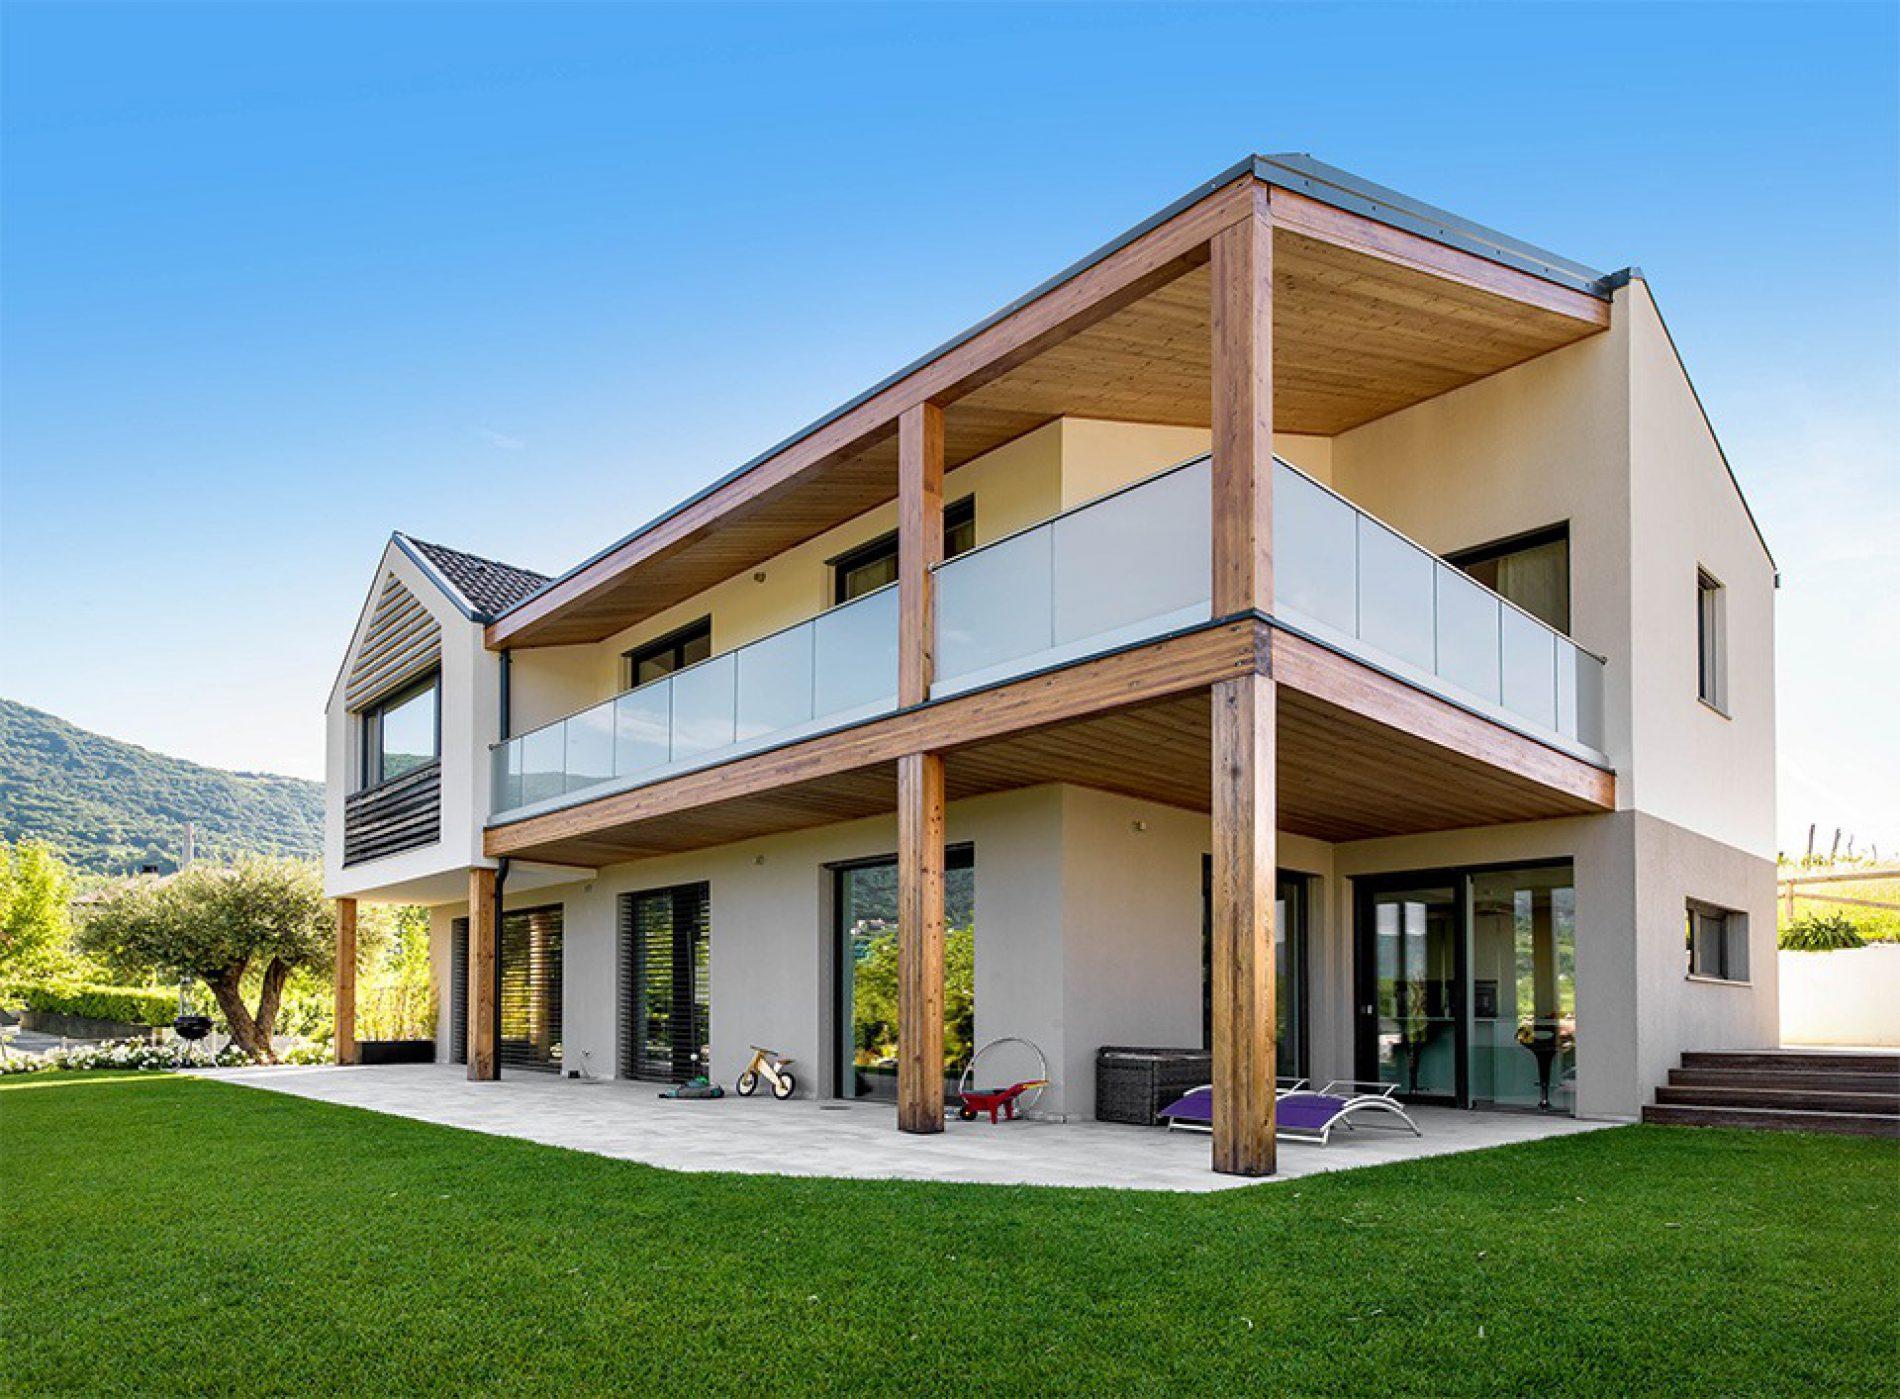 Mutui per interventi di trasformazione edilizia in Valle d'Aosta